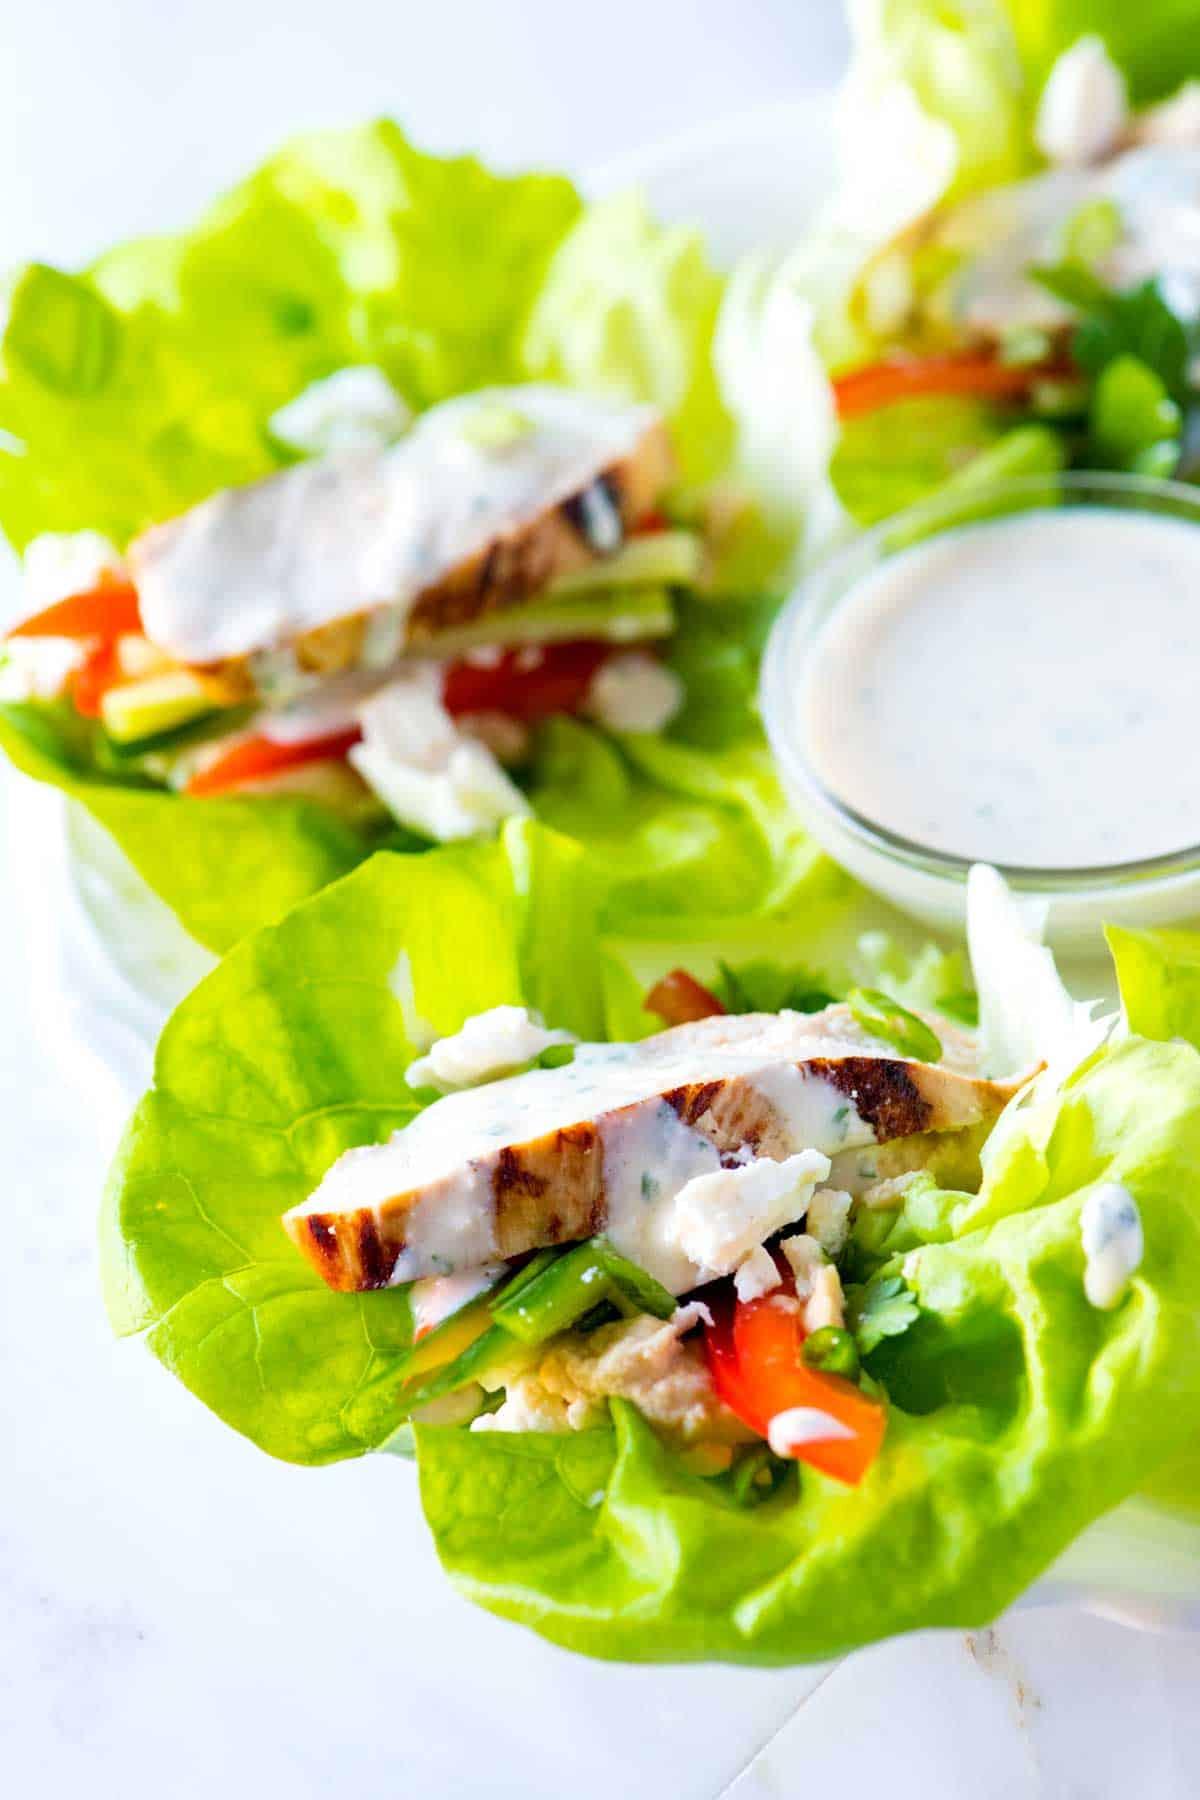 Cómo hacer lechugas saludables con pollo y hummus